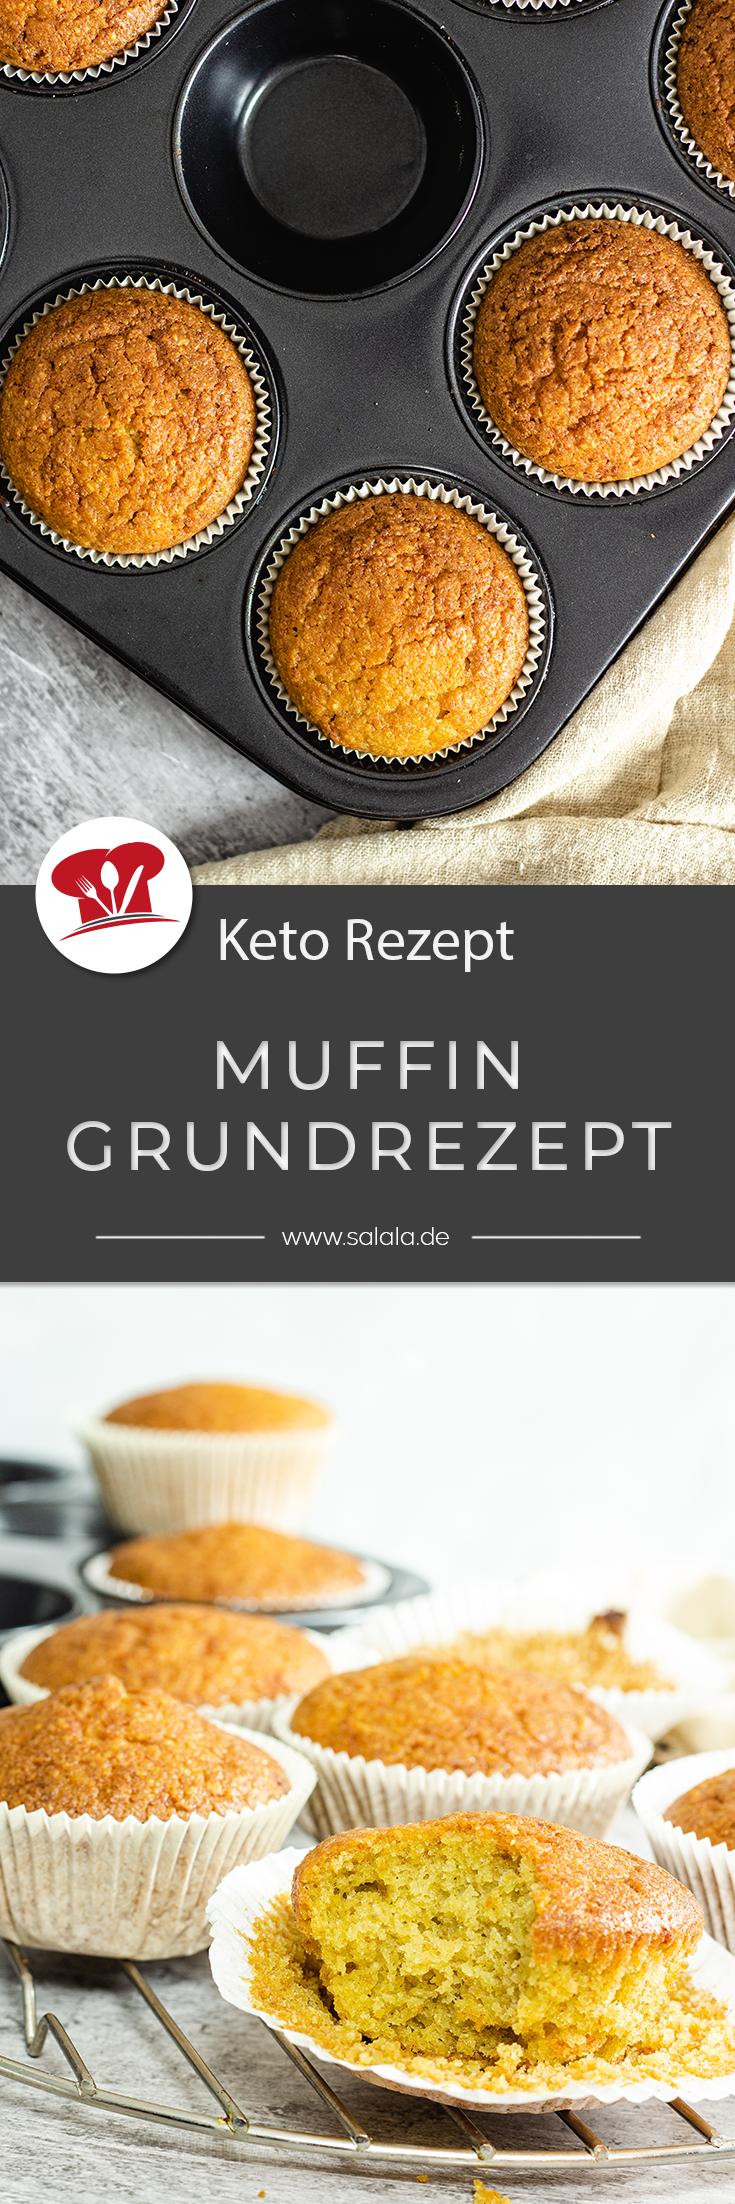 Low Carb Muffins mit Quark, mit Beeren oder mit Haselnüssen. Haben wir alles schon gemacht. Aber ein einfaches Keto Muffin Grundrezept, das gab's bei uns bisher noch nicht. Bis jetzt. Wir haben das ultimative Keto oder Low Carb Muffin Grundrezept für dich. Ganz ohne Mandelmehl. #KetoBacken #KetoBackrezepte #backenohneMehl #LowCarbBacken #MuffinsohneZucker #MuffinGrundrezept #MuffinmitMandel